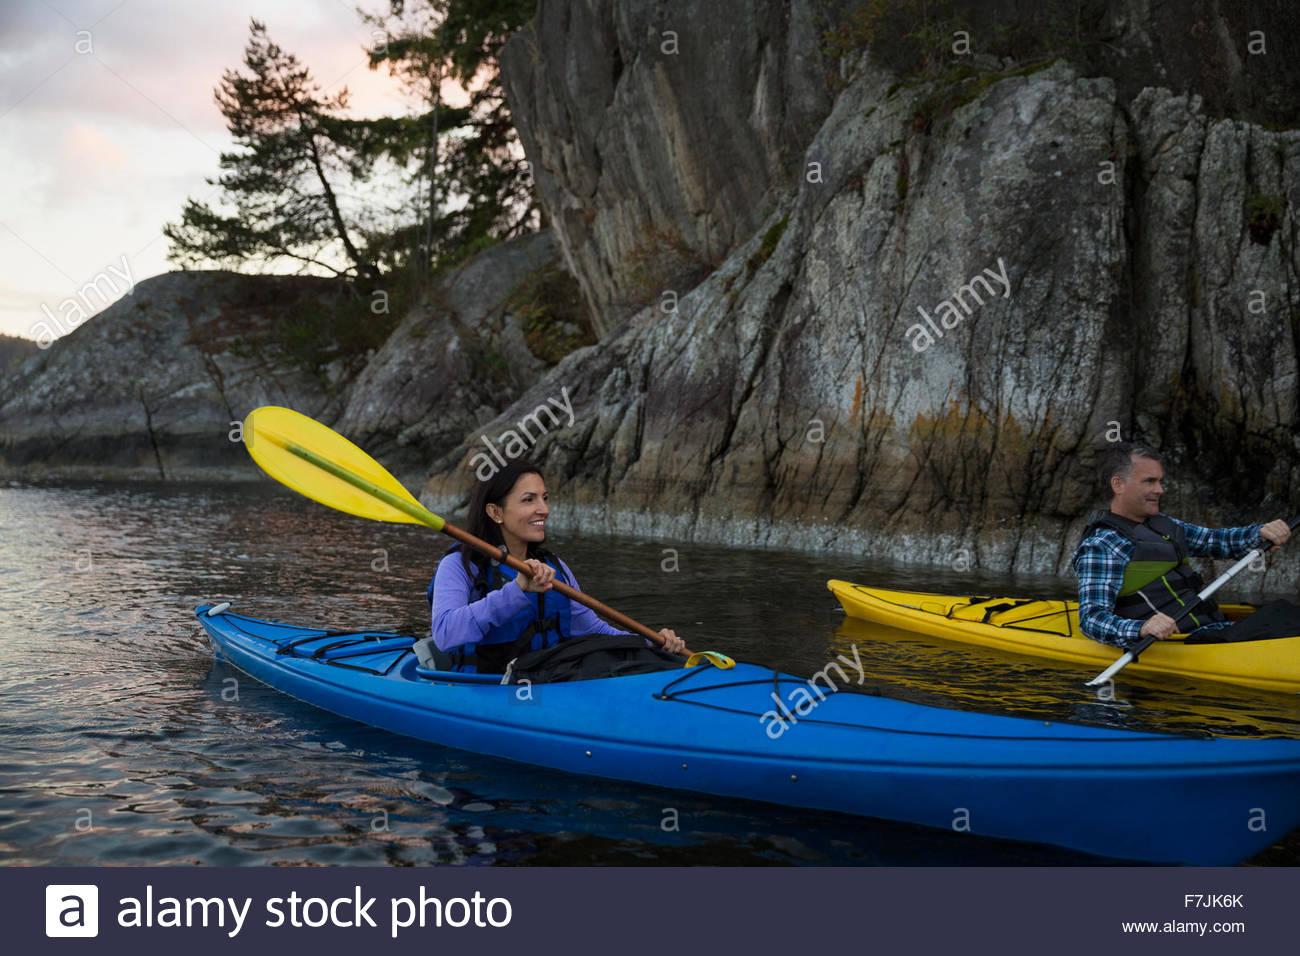 Couple canoeing on lake at sunset - Stock Image